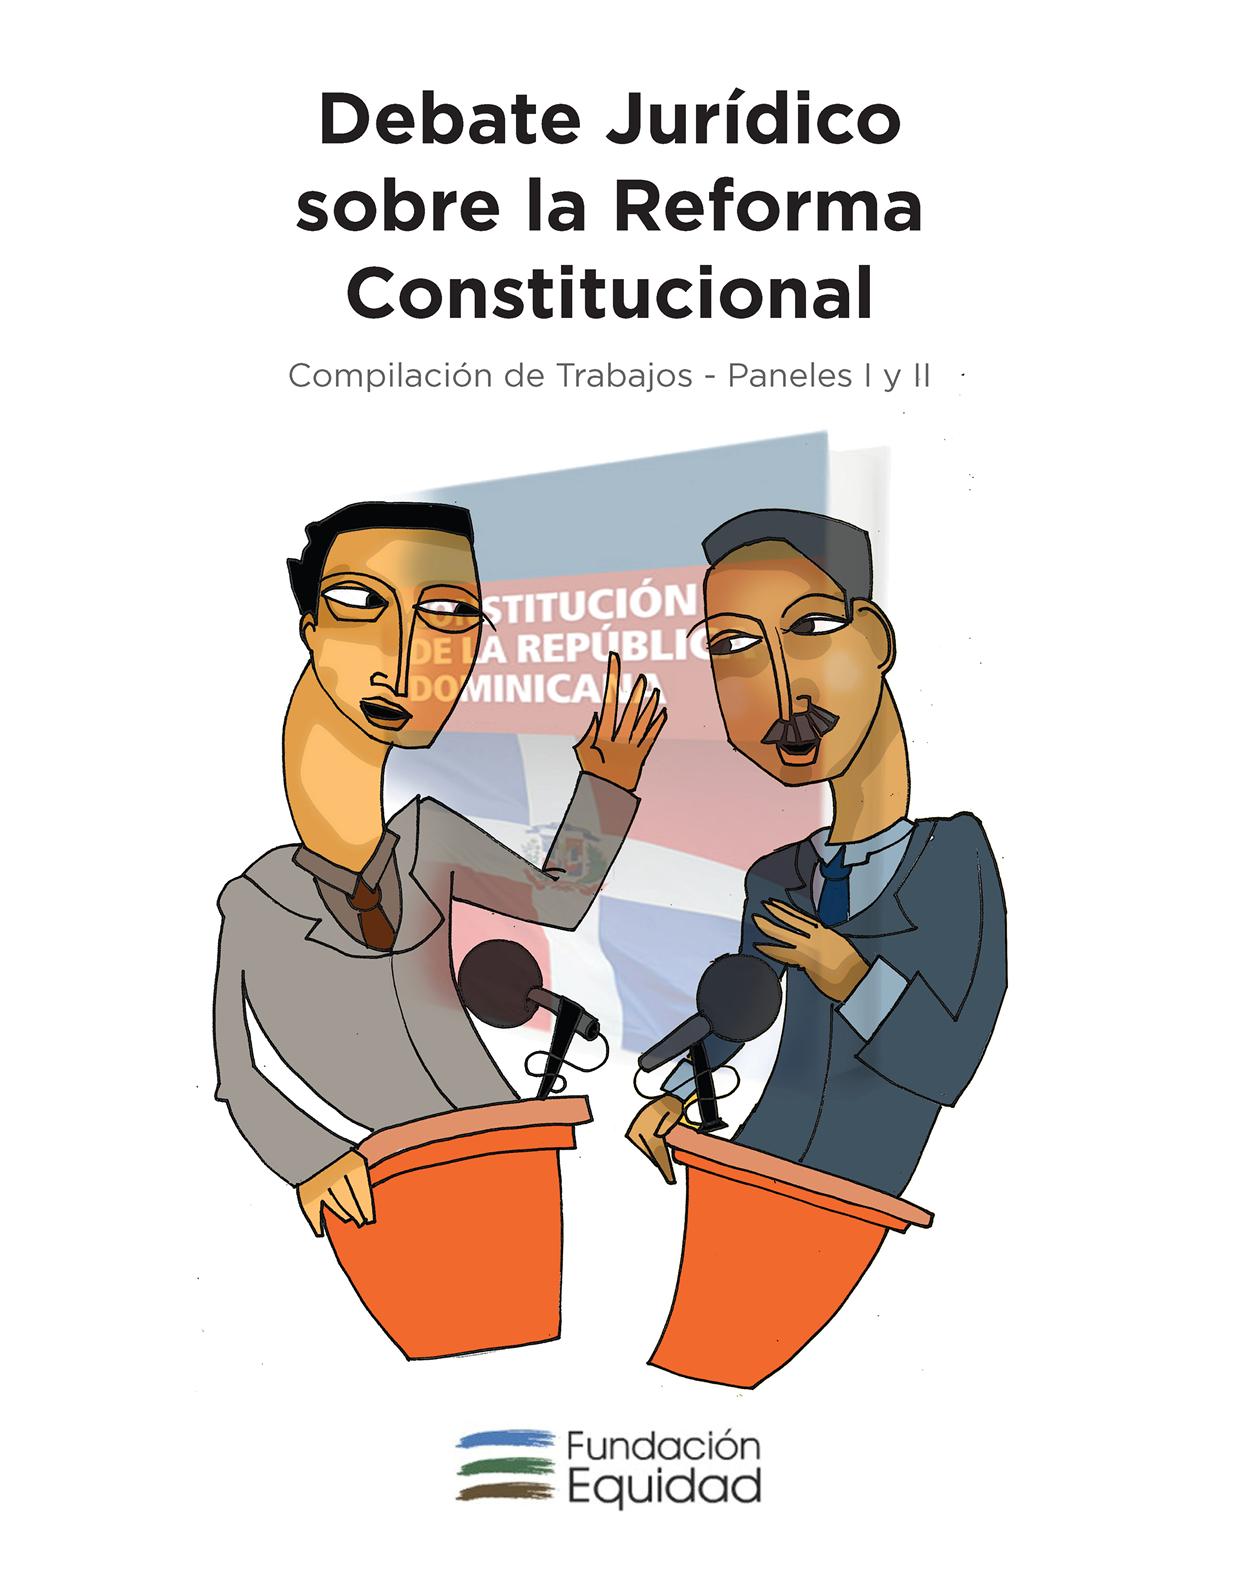 Debate Jurídico sobre la Reforma Constitucional